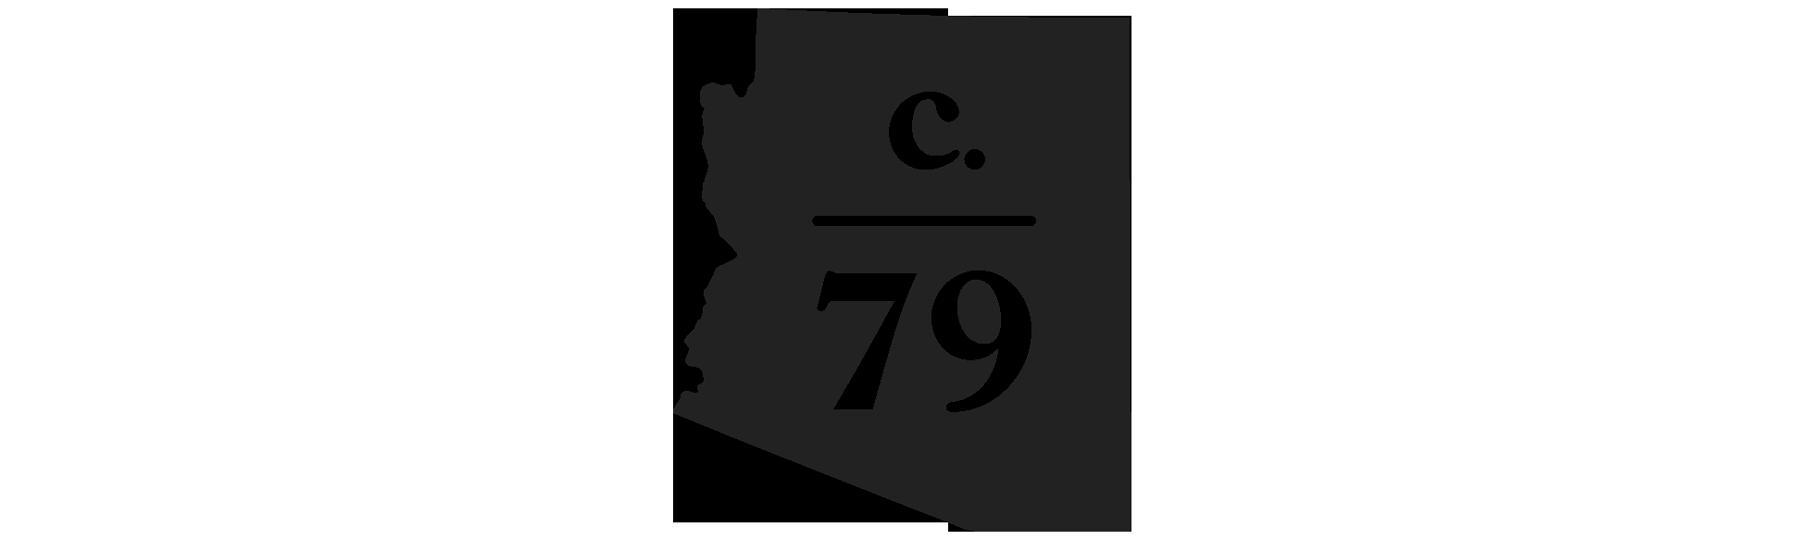 c79-AZ-logo_spaced-2.png